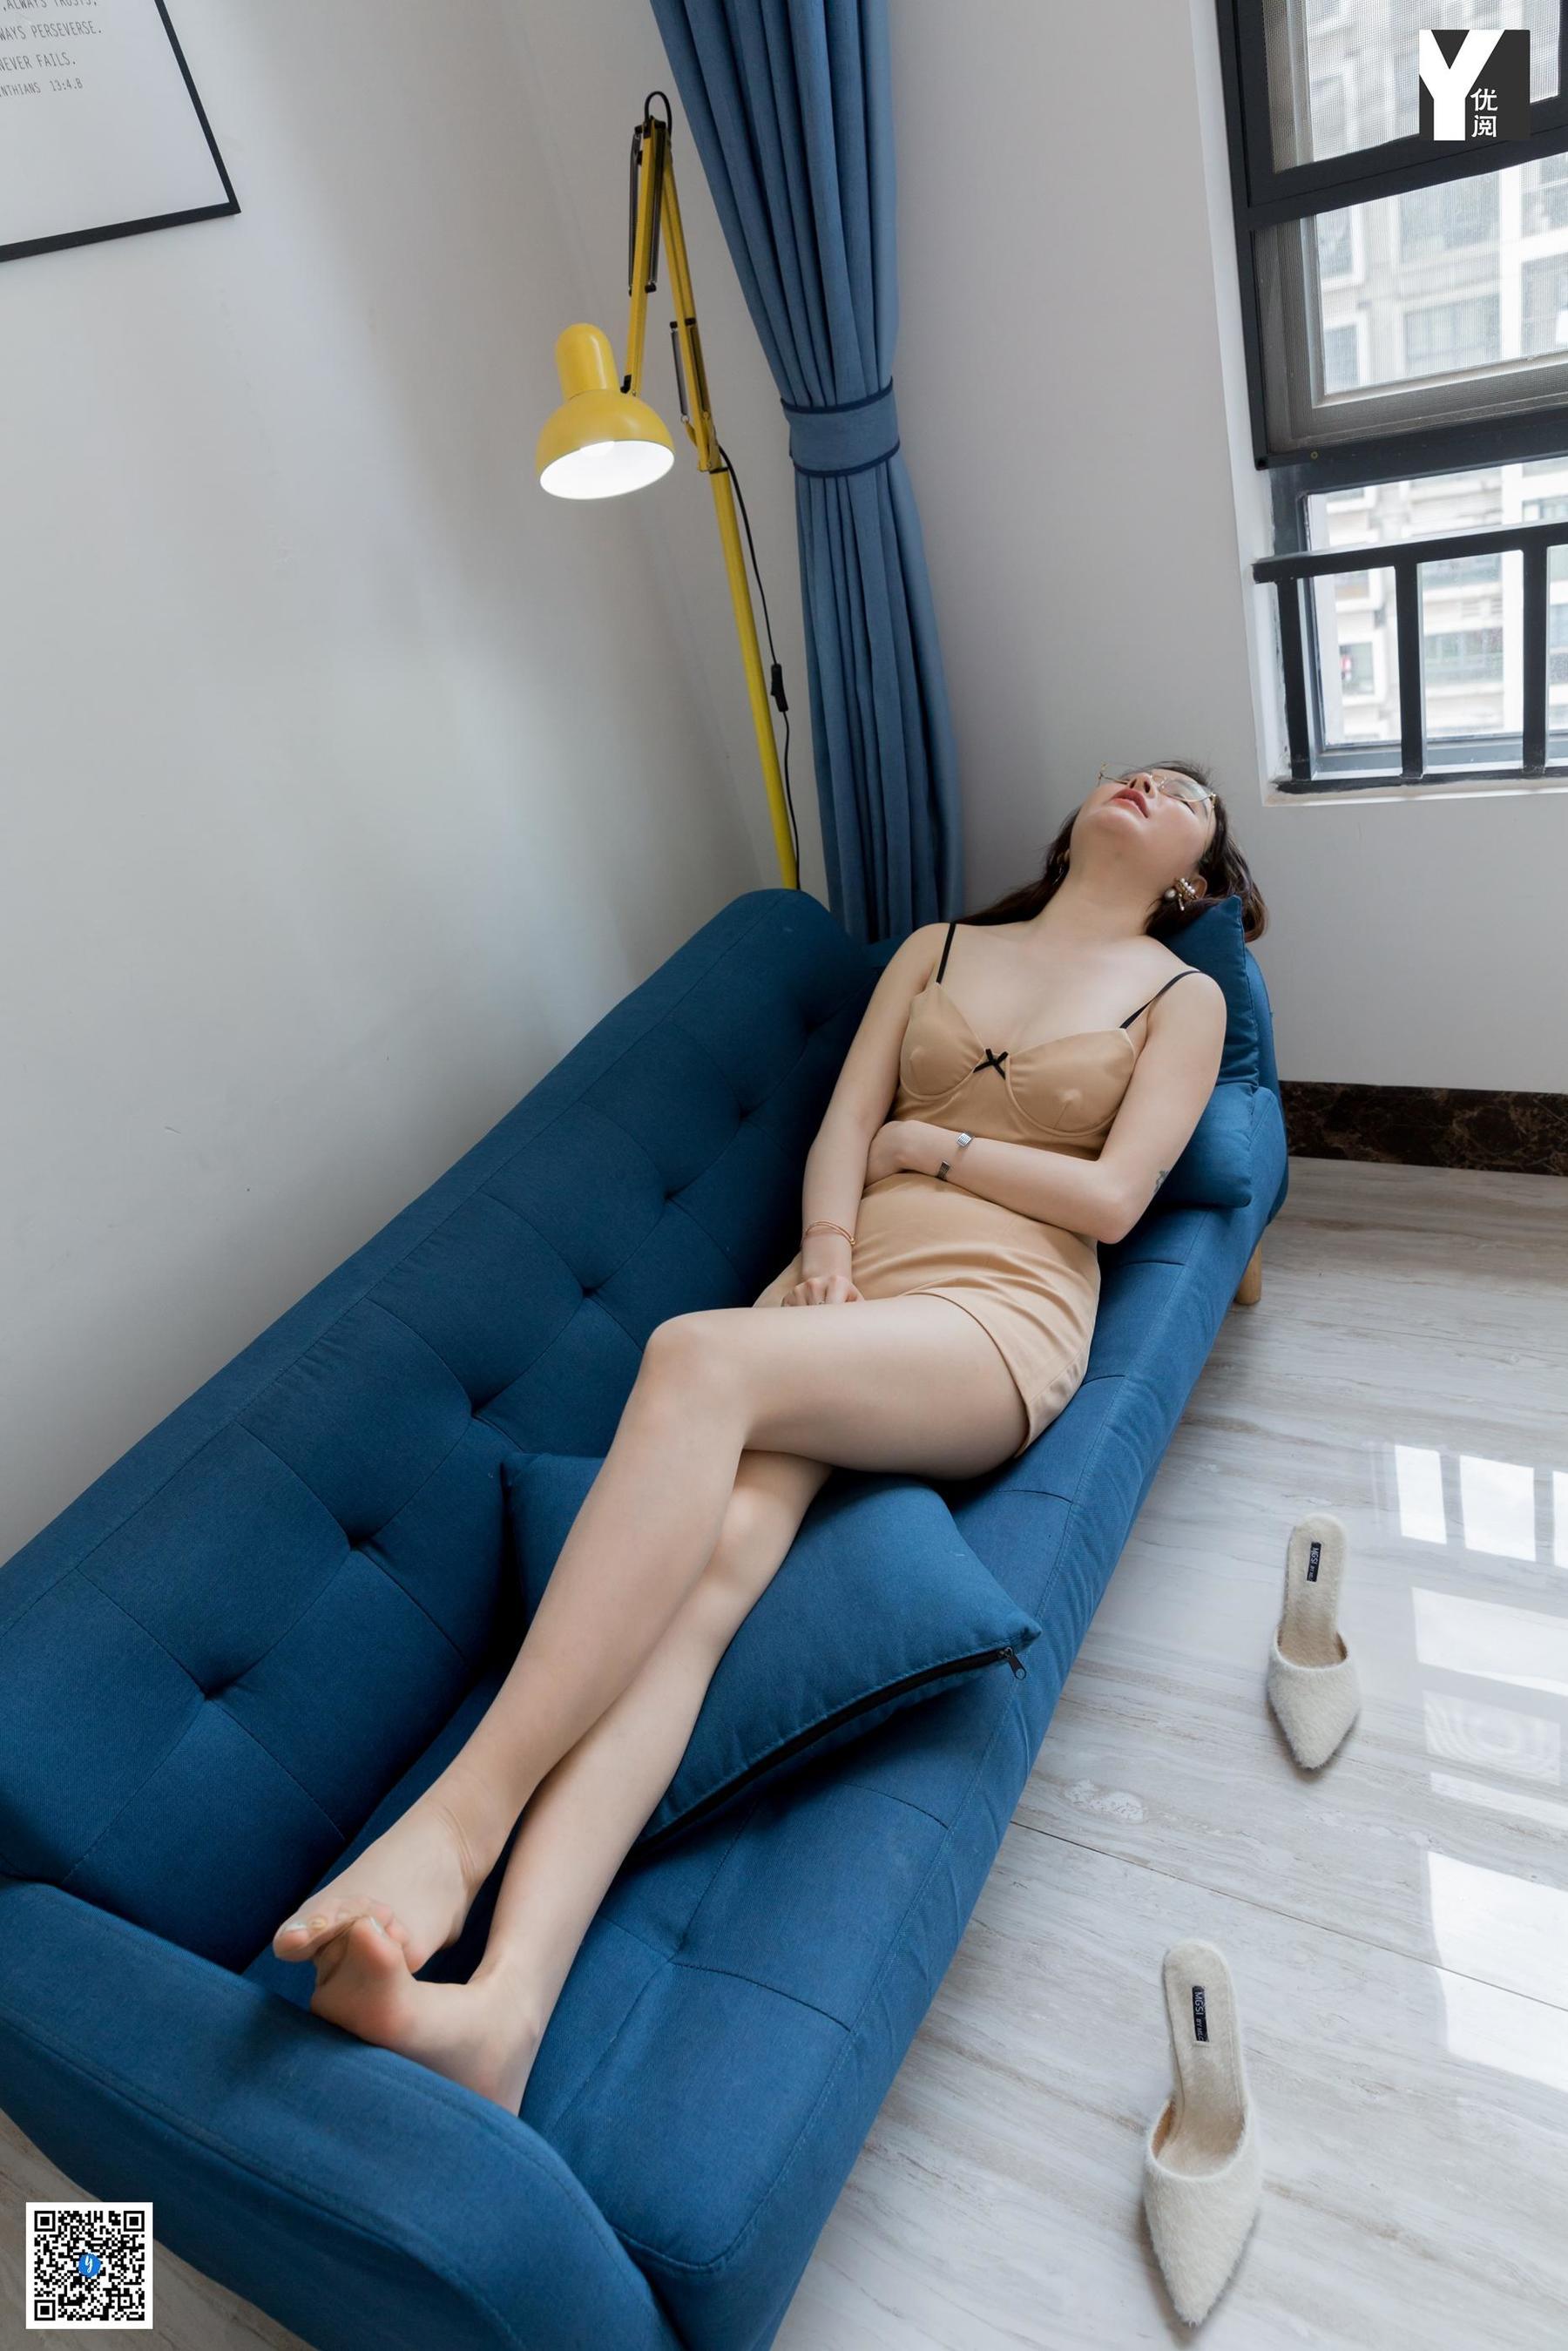 [IESS] 丝享家 764 喵姐《来一杯mojito》 丝袜美腿写真[90P]插图(7)